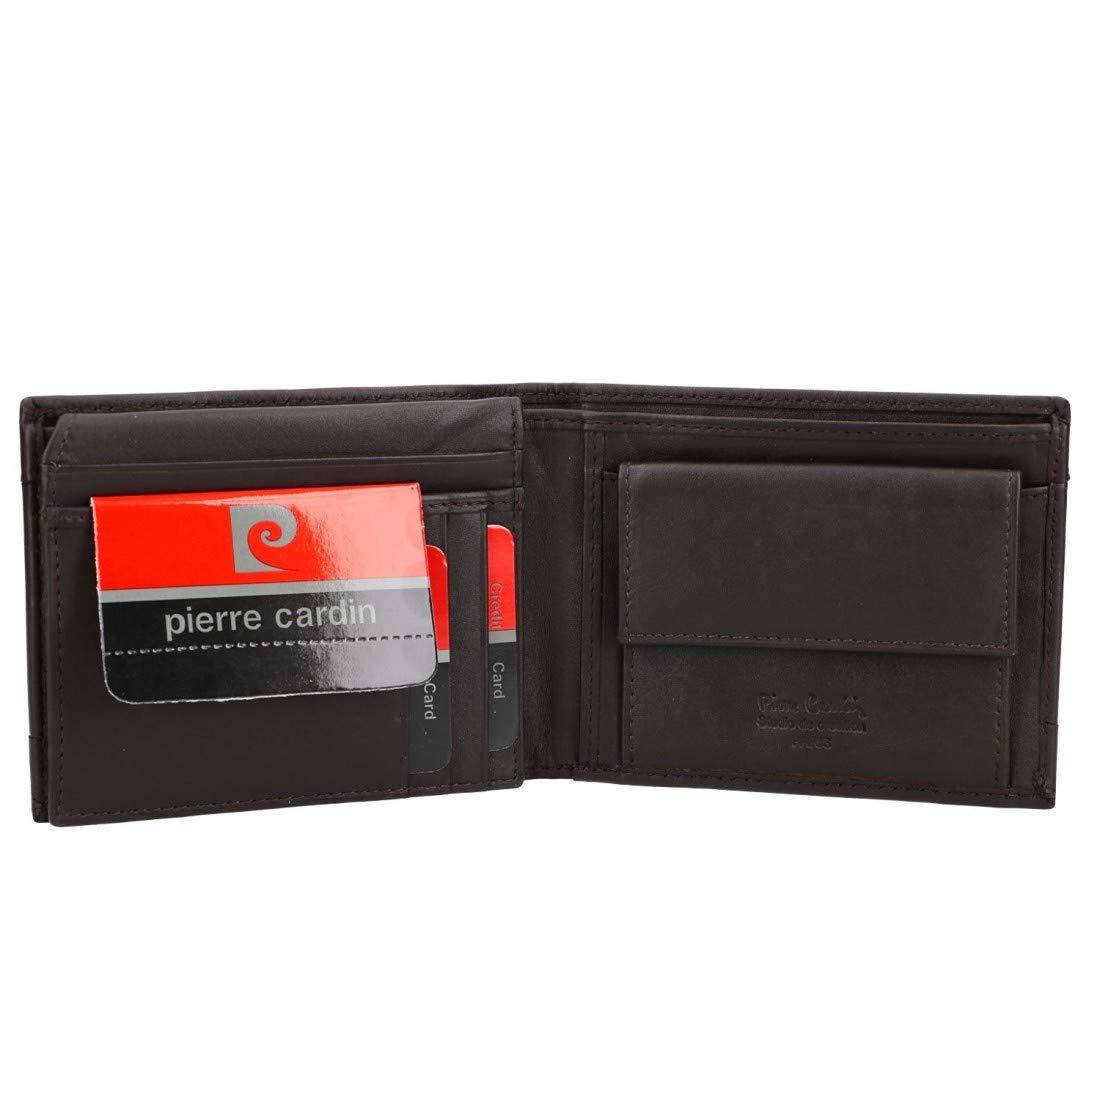 PIERRE CARDIN cartera hombre cuero moro RFID con monedero y ...